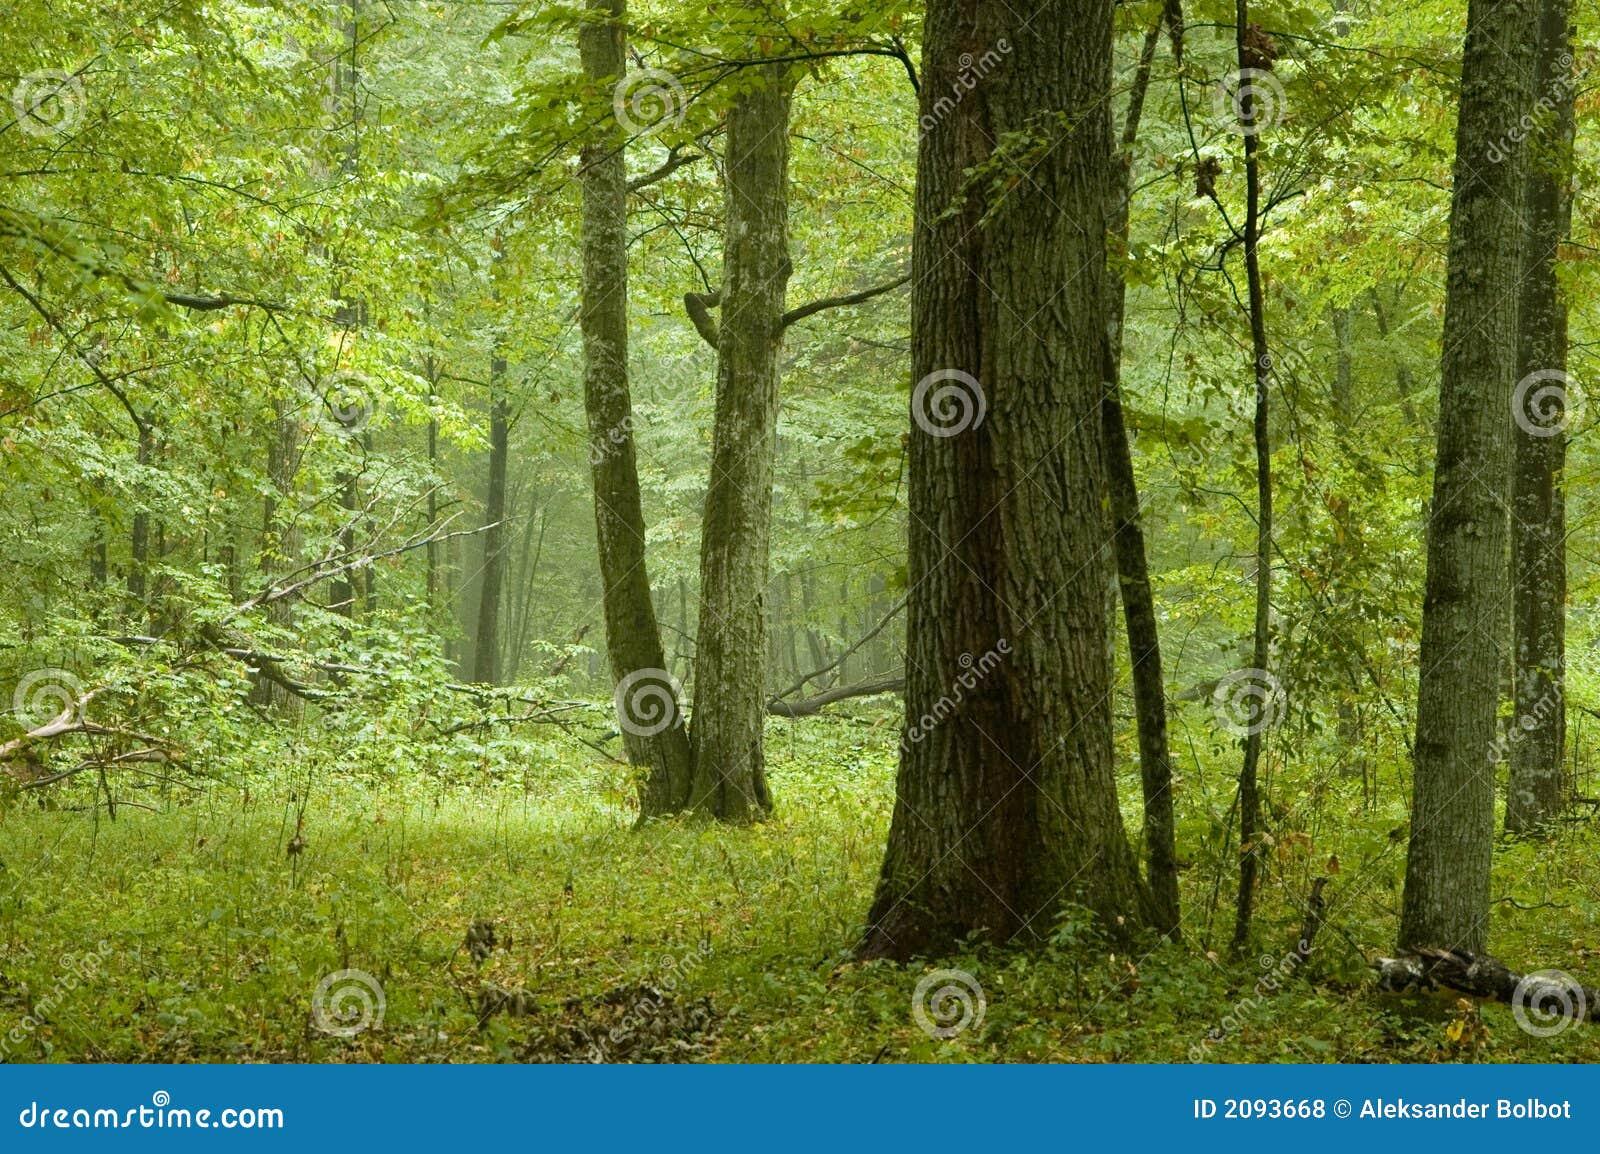 Foresta mixed naturale dopo pioggia